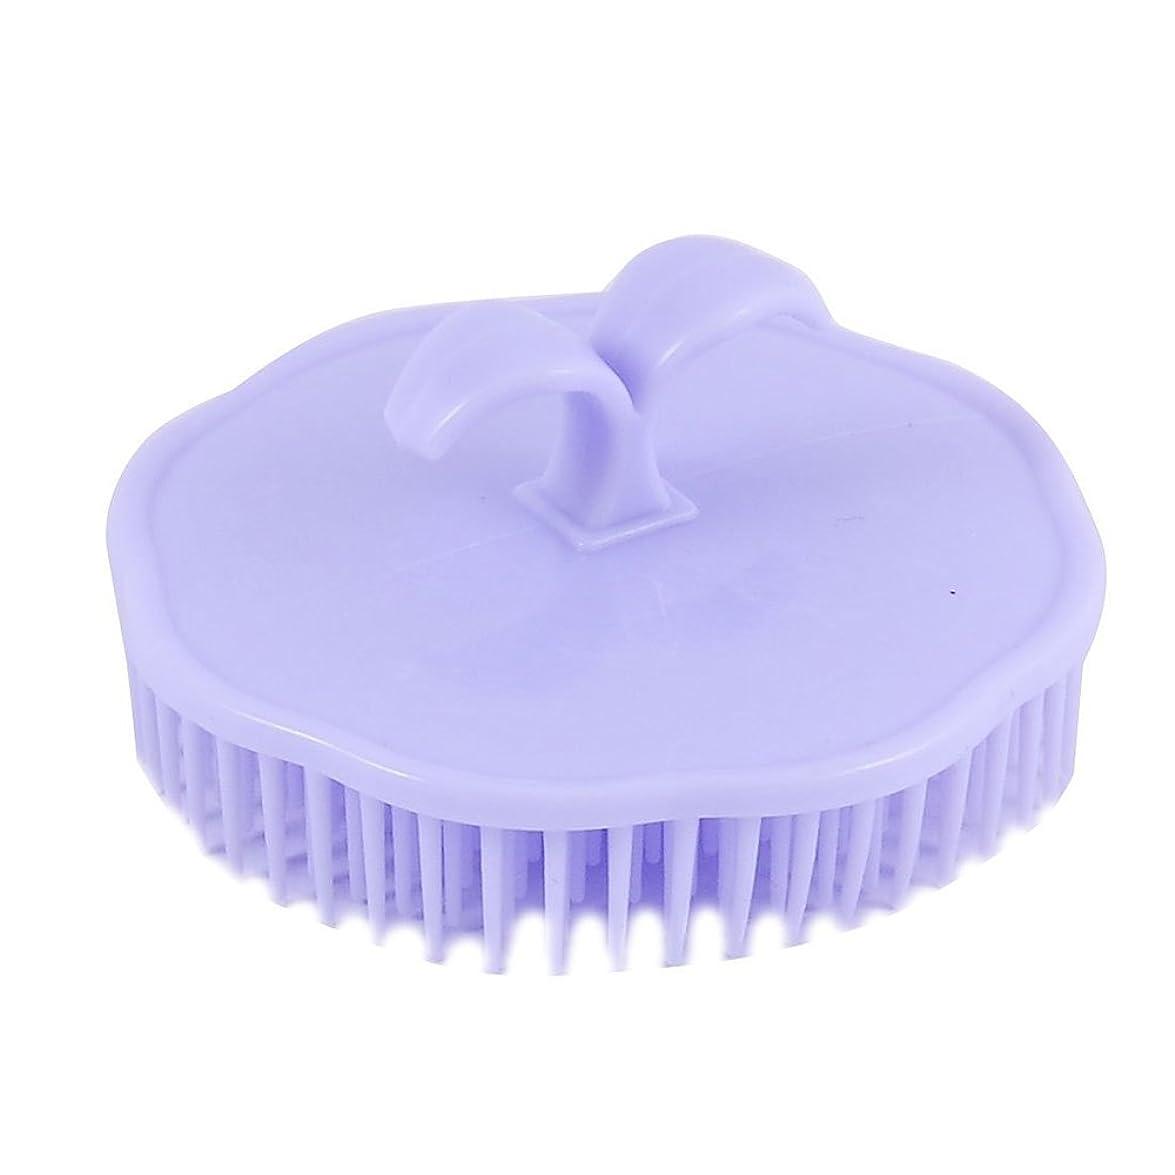 毎日行くSitrda シャンプーブラシ 洗髪櫛 頭皮マッサージ器 マッサージャー プラスチック 携帯用 2個入 色ランダム